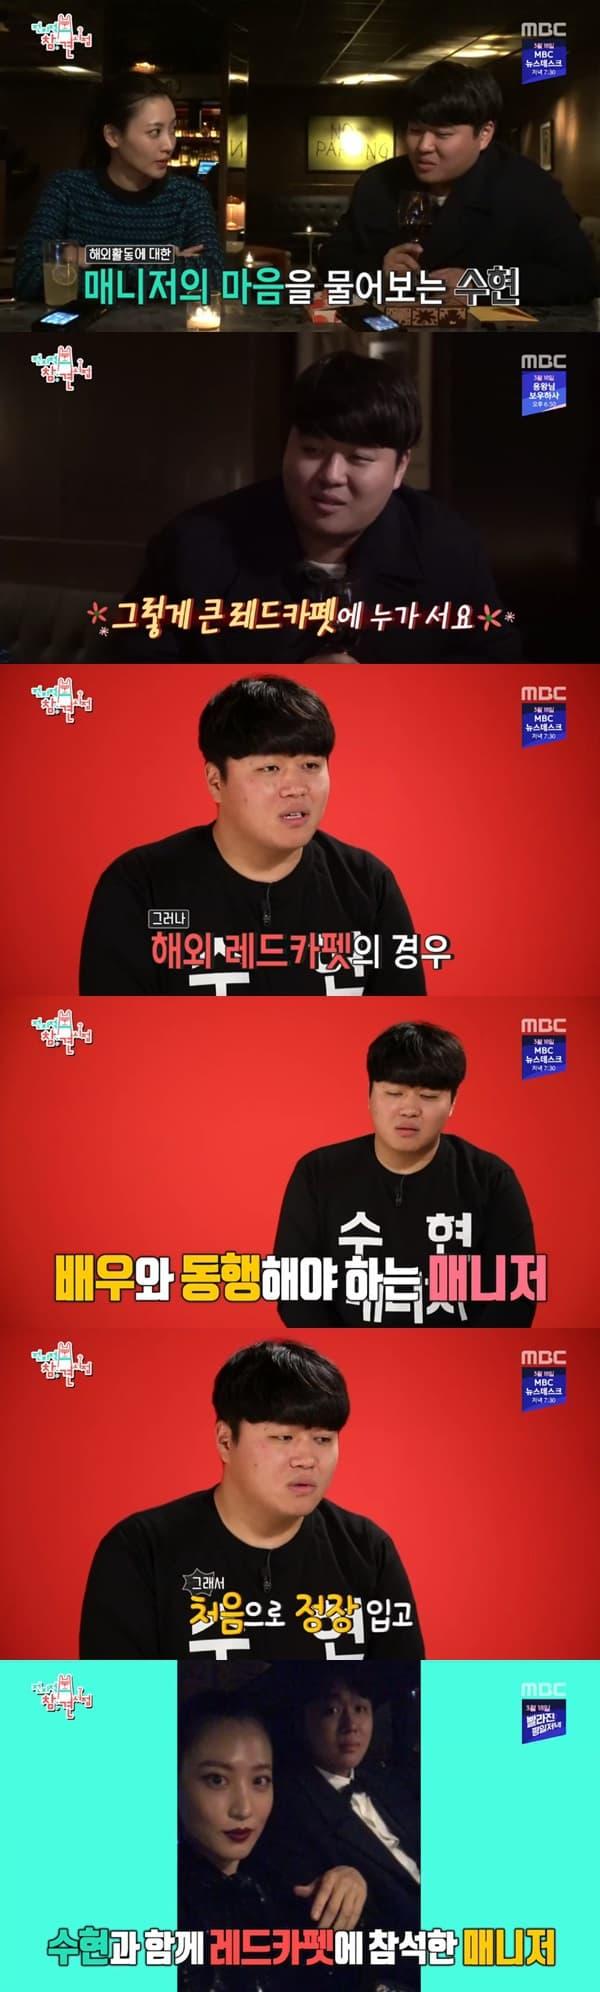 MBC '전지적 참견 시점' 방송 화면 캡처 © 갓잇코리아